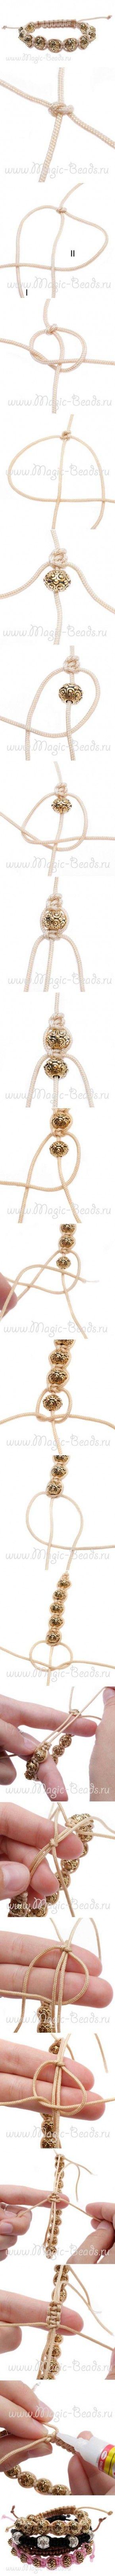 Nog een voorbeeld van armbanden maken.